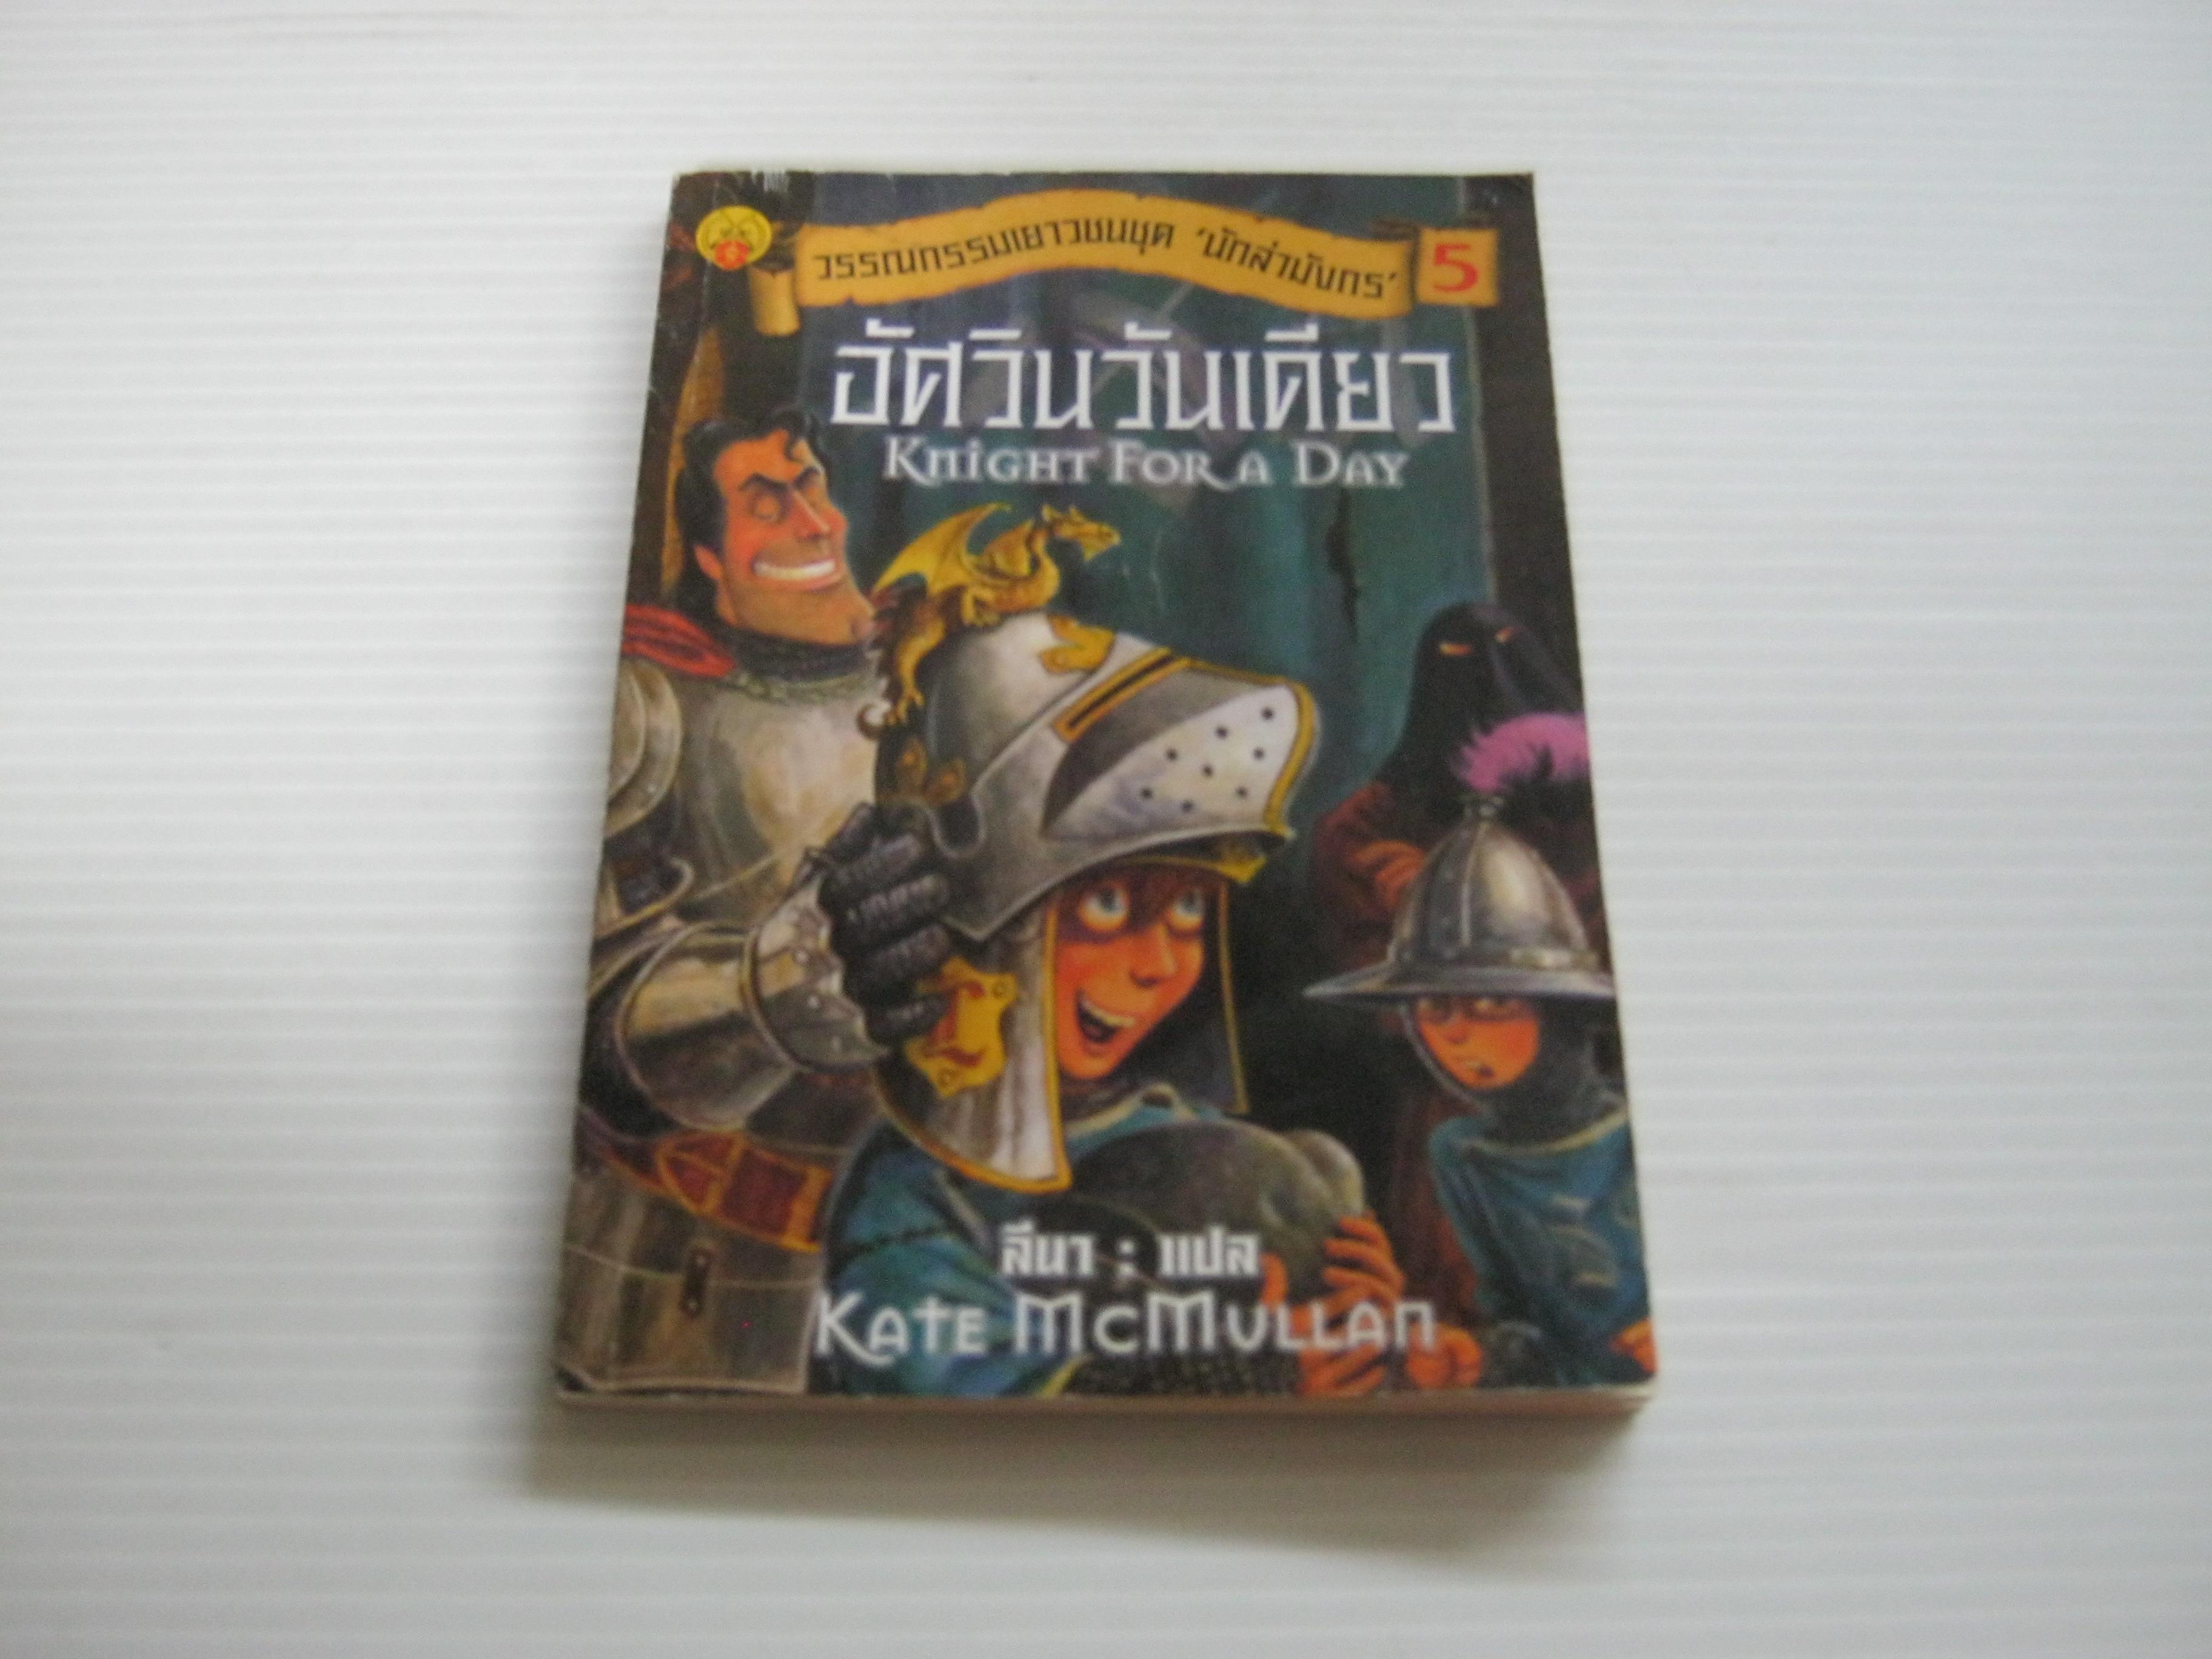 """วรรณกรรมเยาวชนชุด """"ล่ามังกร"""" เล่ม 5 ตอน อัศวินวันเดียว (Knight For A Day) Kate McMullan เขียน ลีนา แปล"""